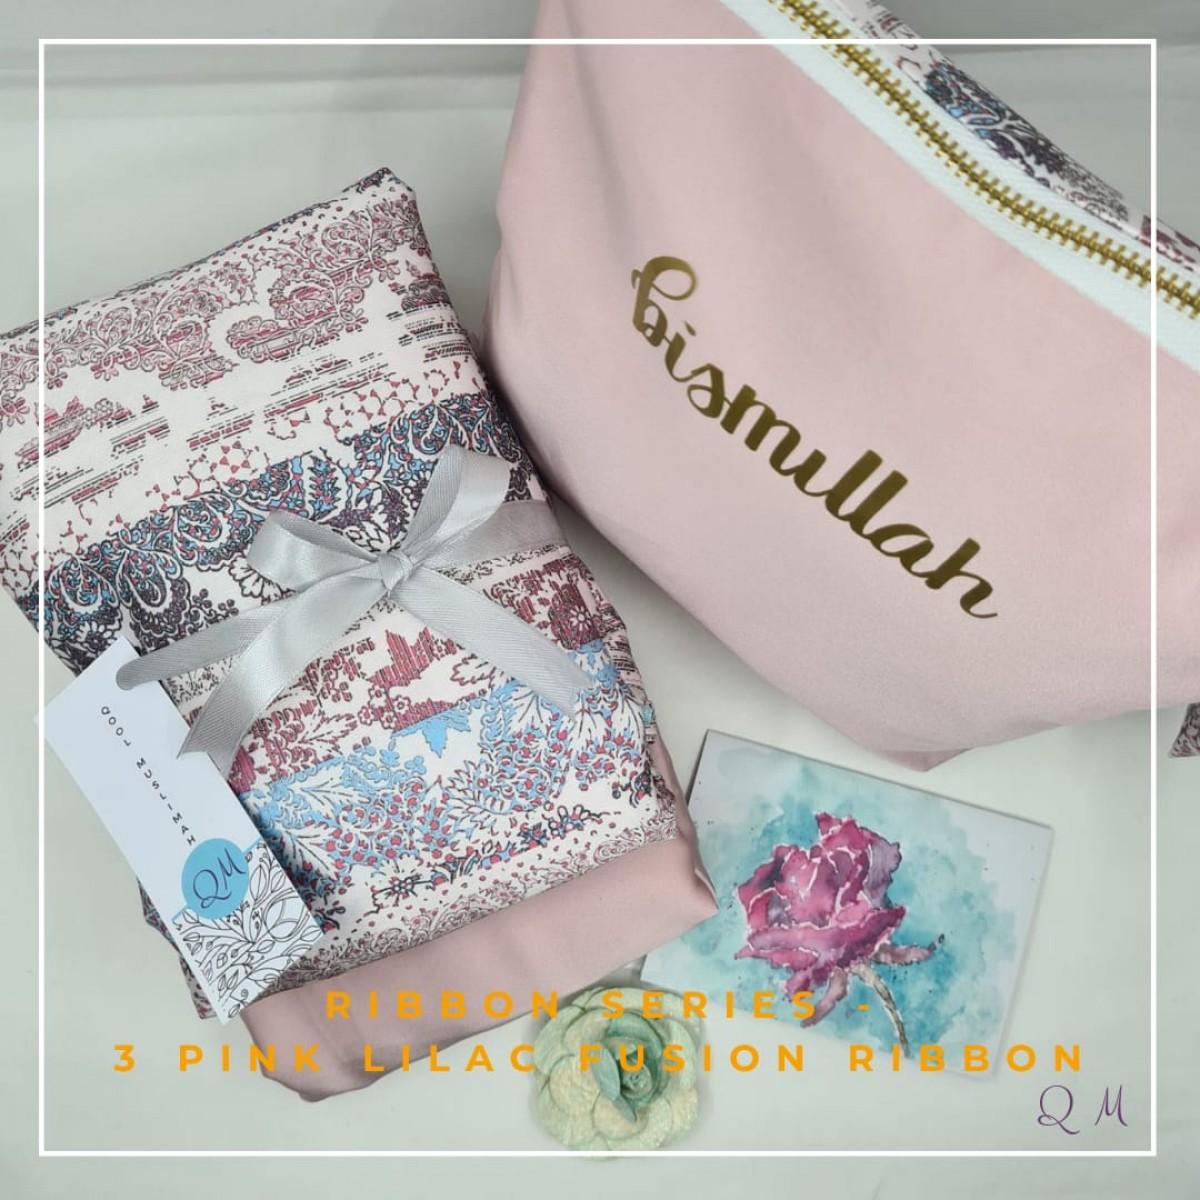 P11.Telekung Armani Silk Ribbon Series - Pink Lilac Fusion Ribbon - Qool Muslimah